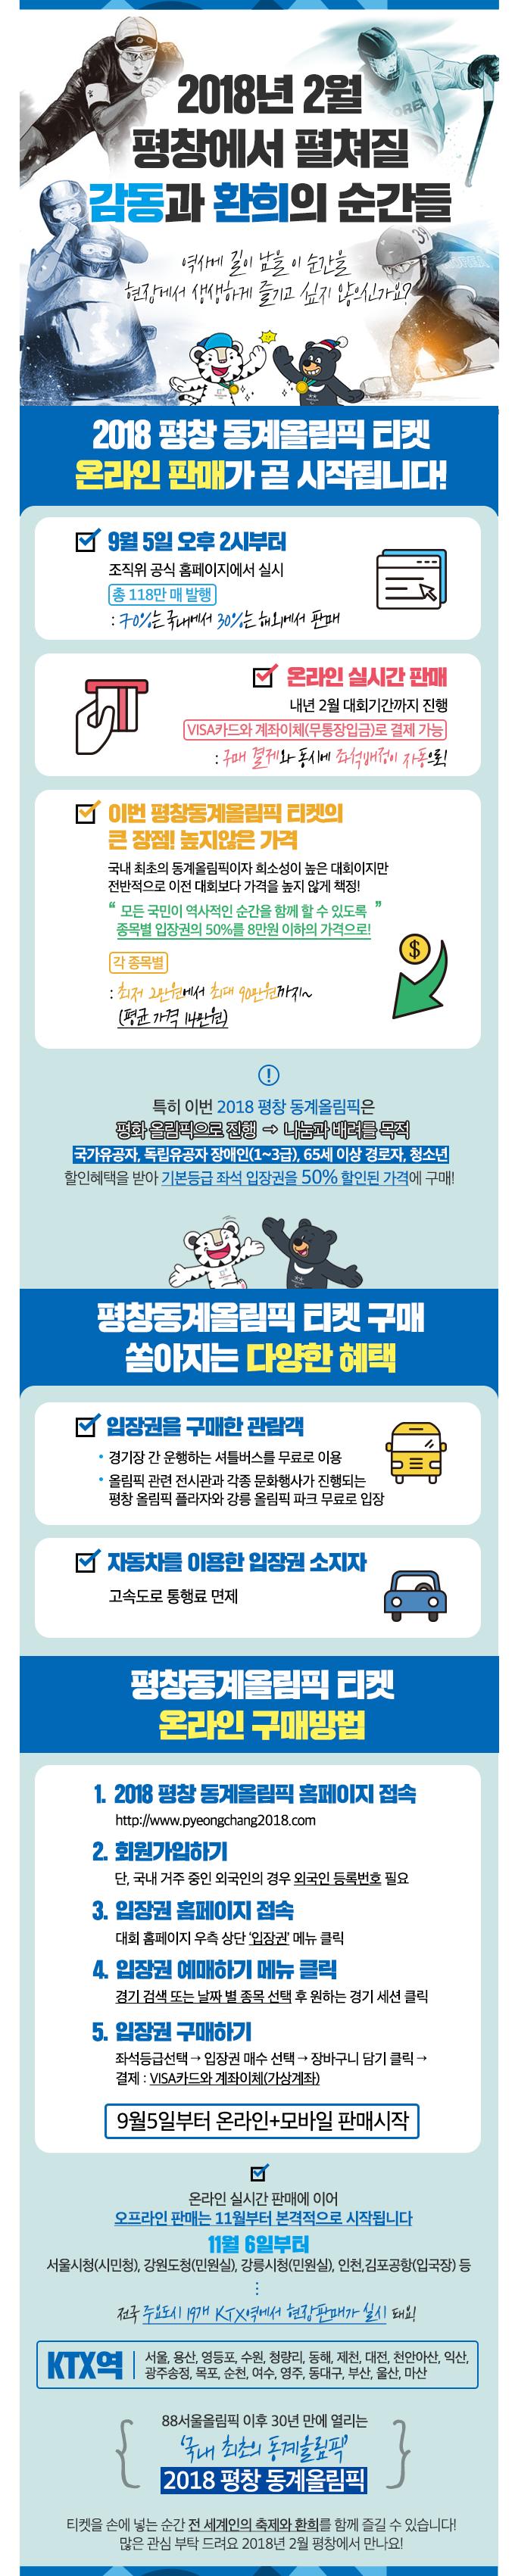 2018 평창 동계올림픽대회 온라인 입장권 판매